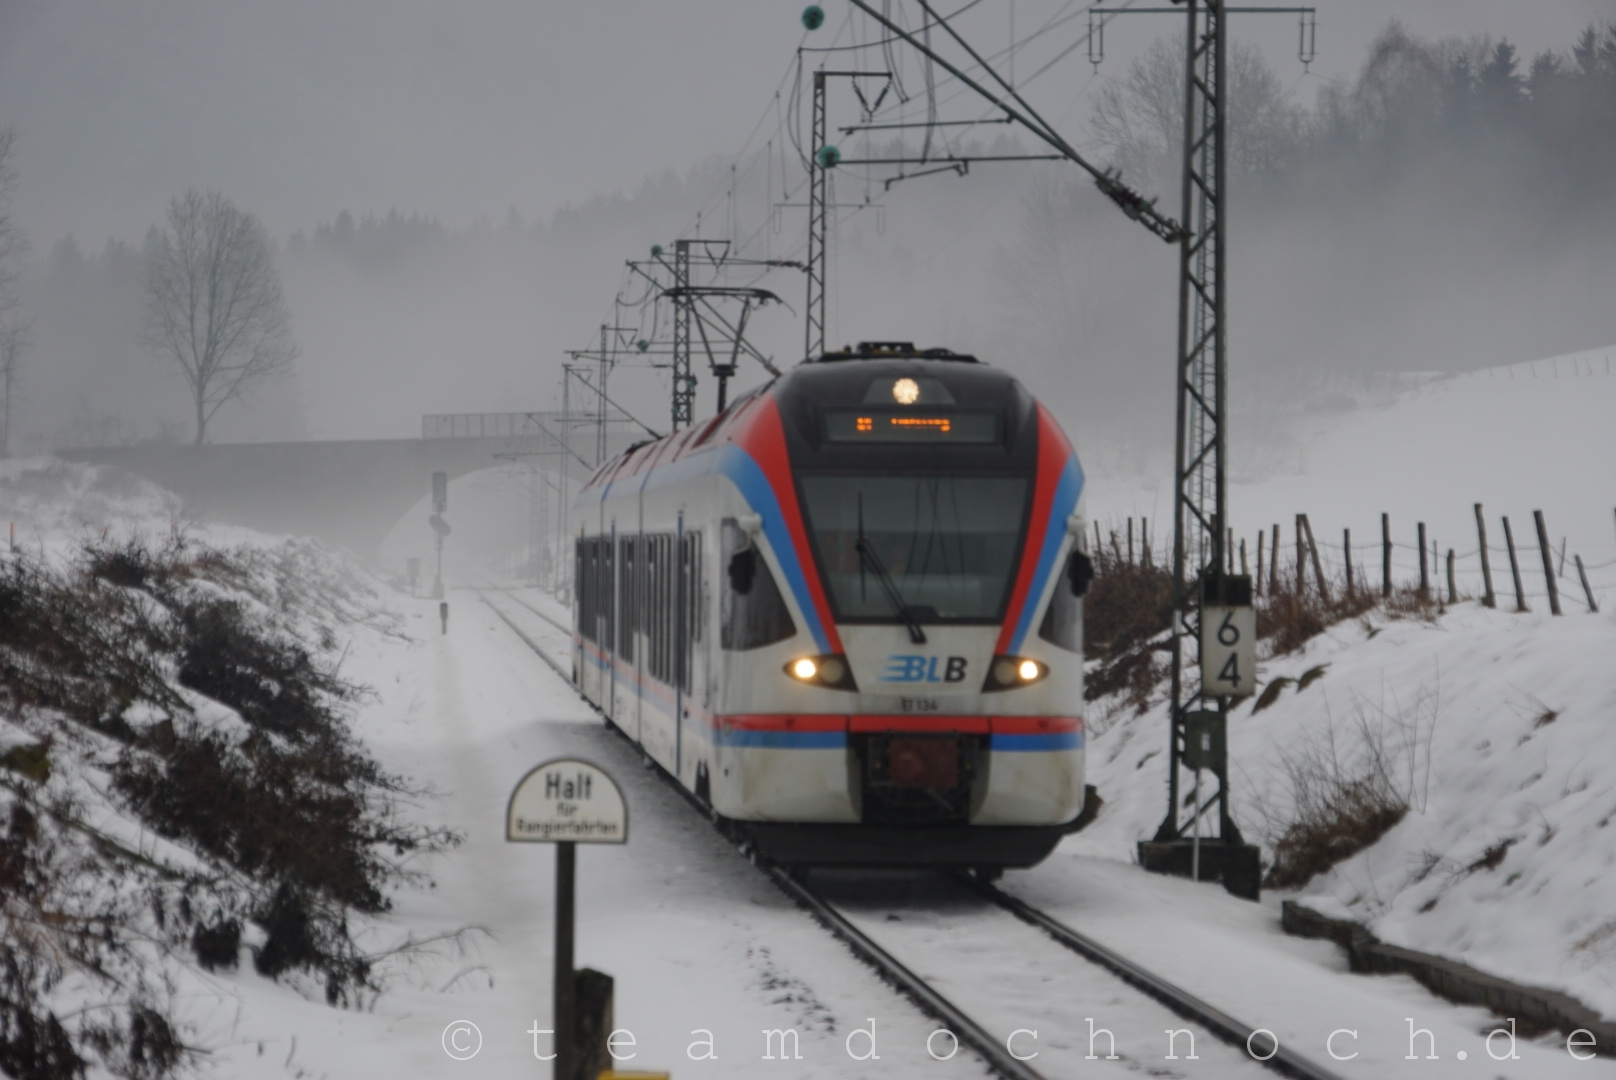 BLB VT 134 bei Einfahrt in den Bahnhof Hammerau